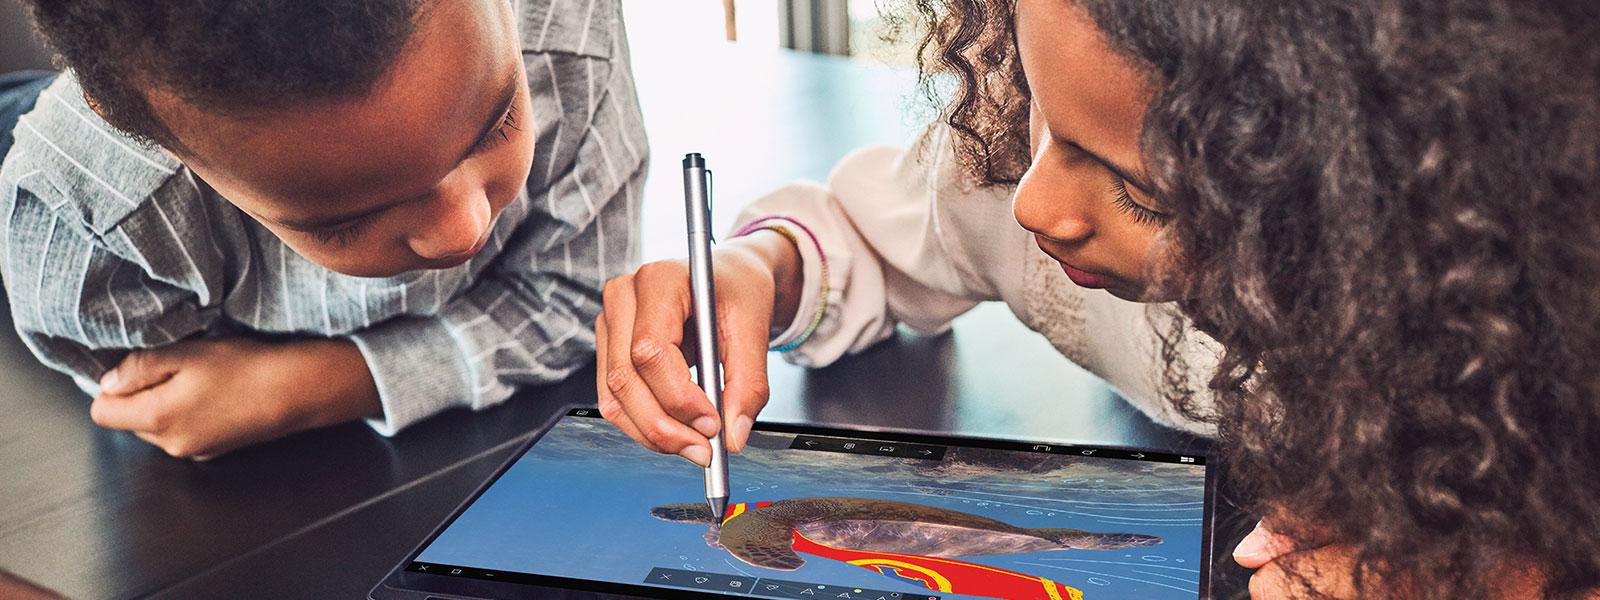 Dzieci rysujące za pomocą funkcji Windows Ink